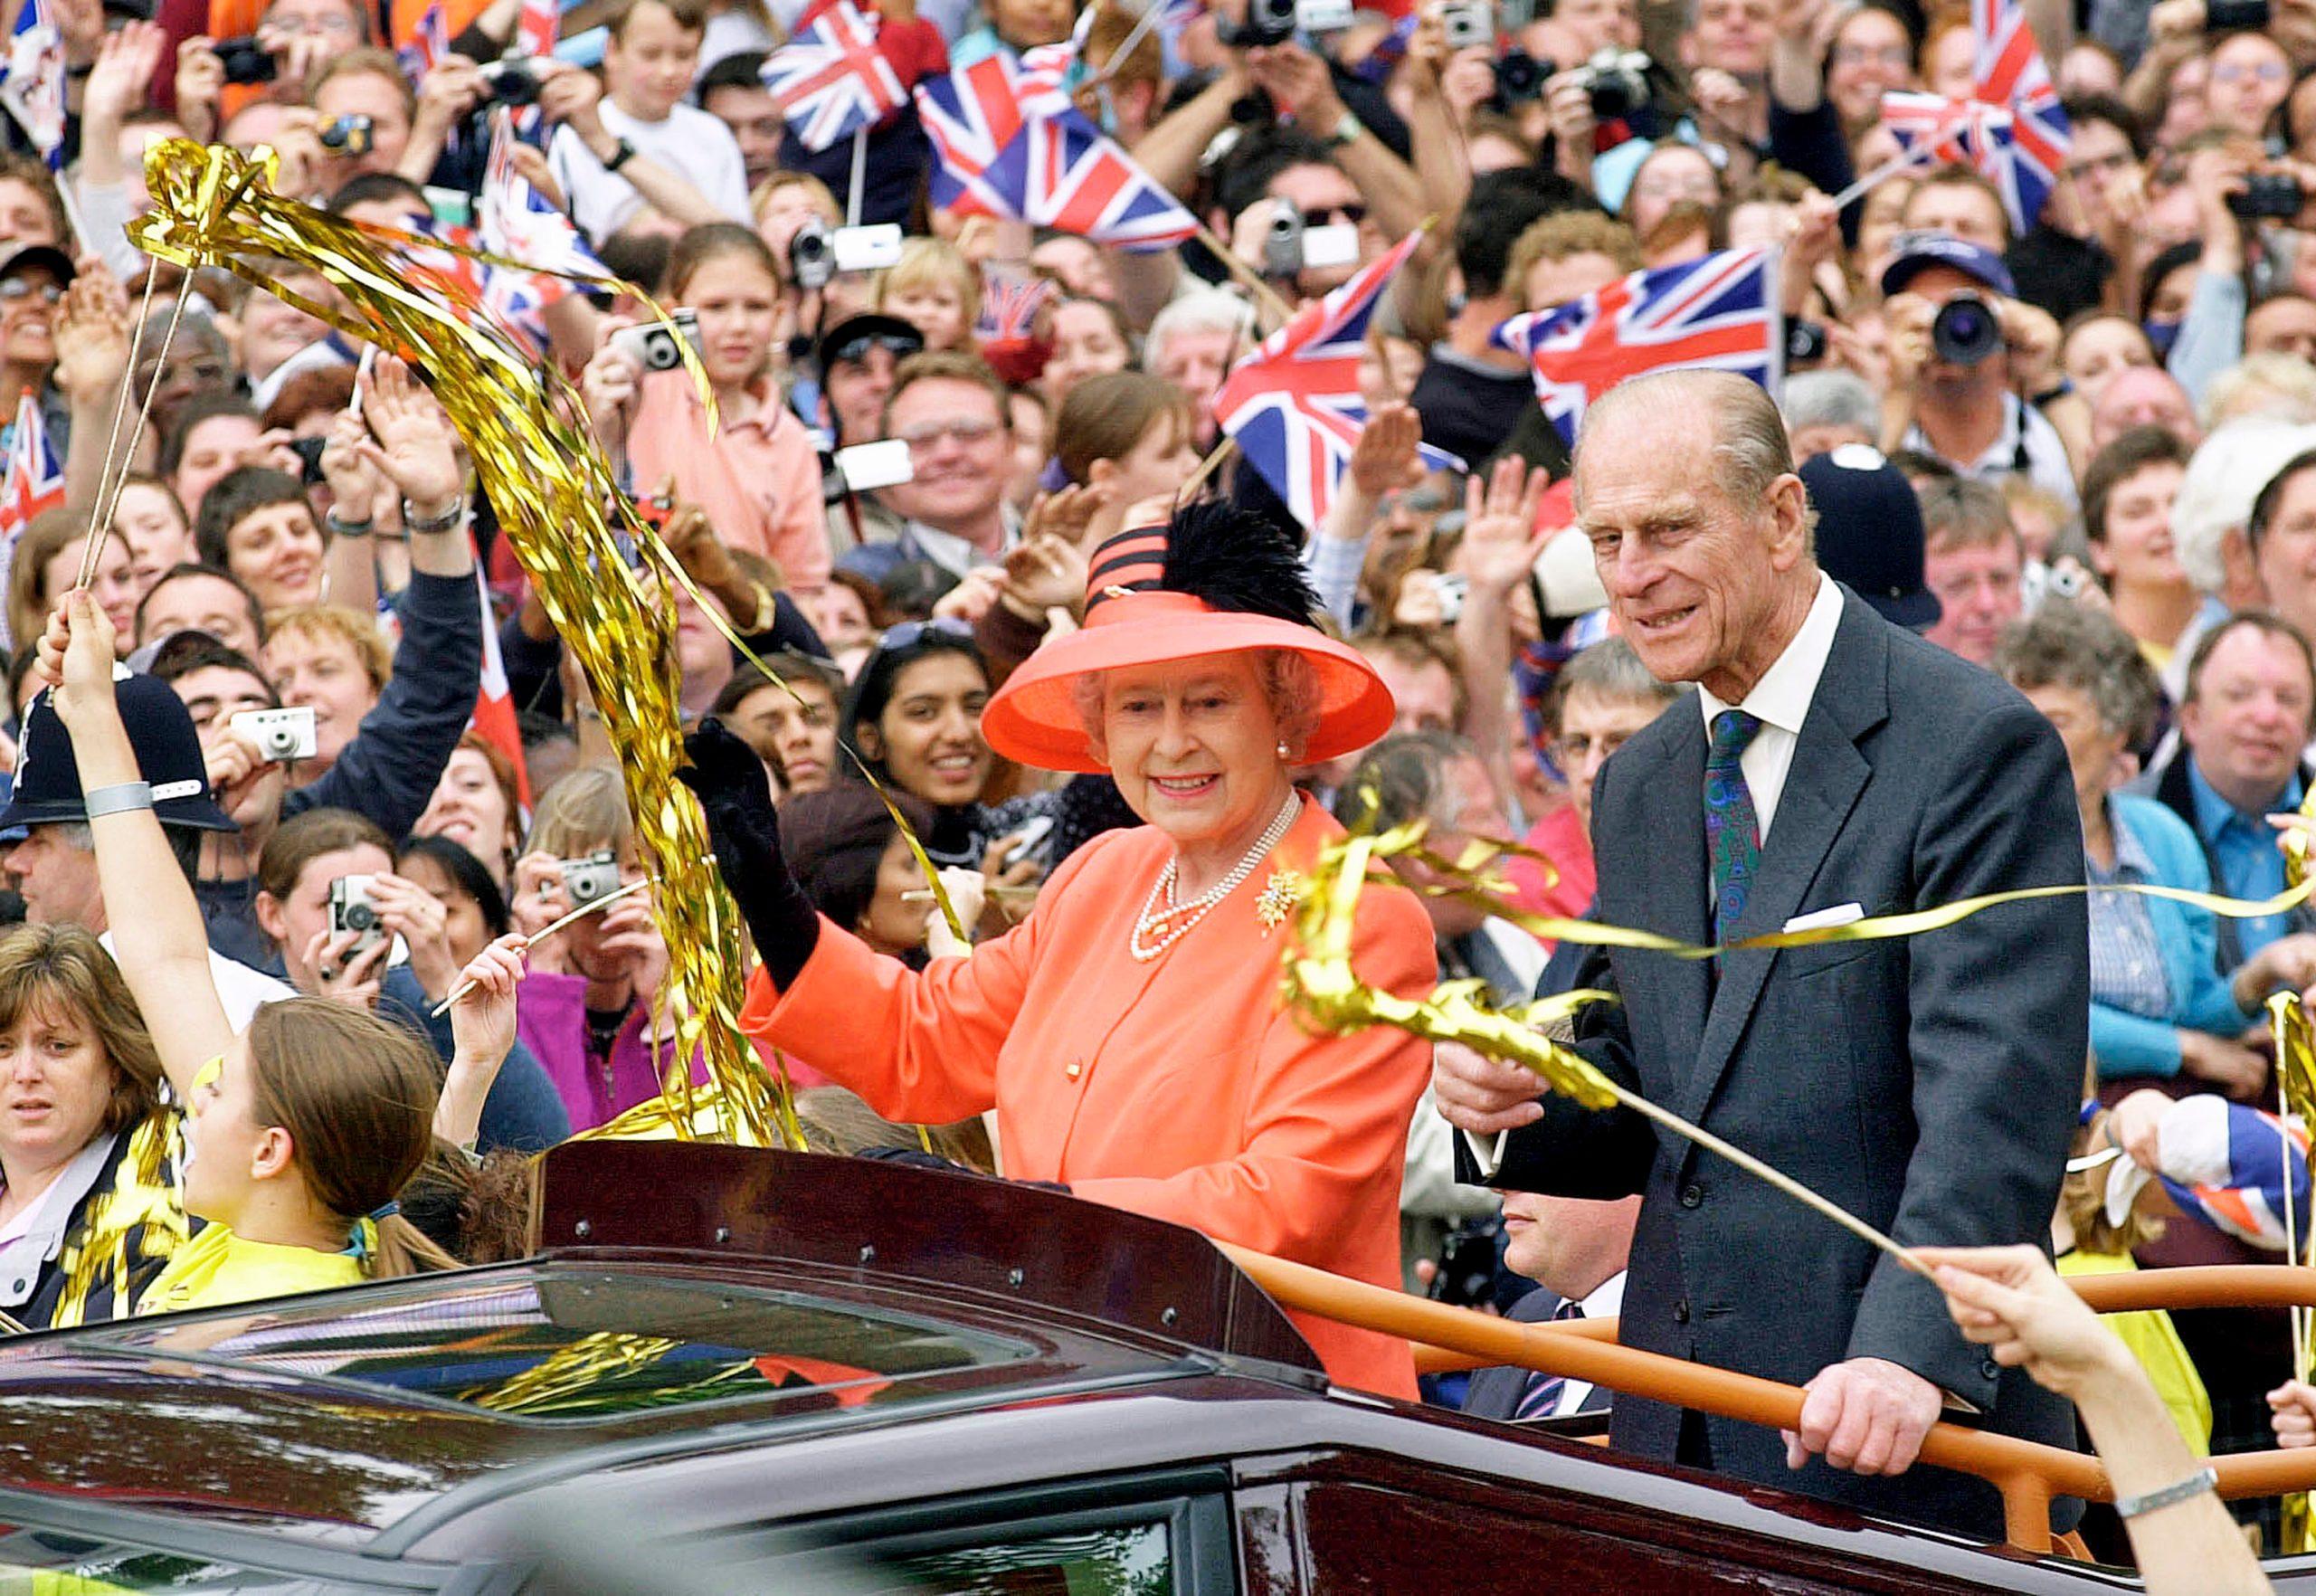 Golden Jubilee 2002